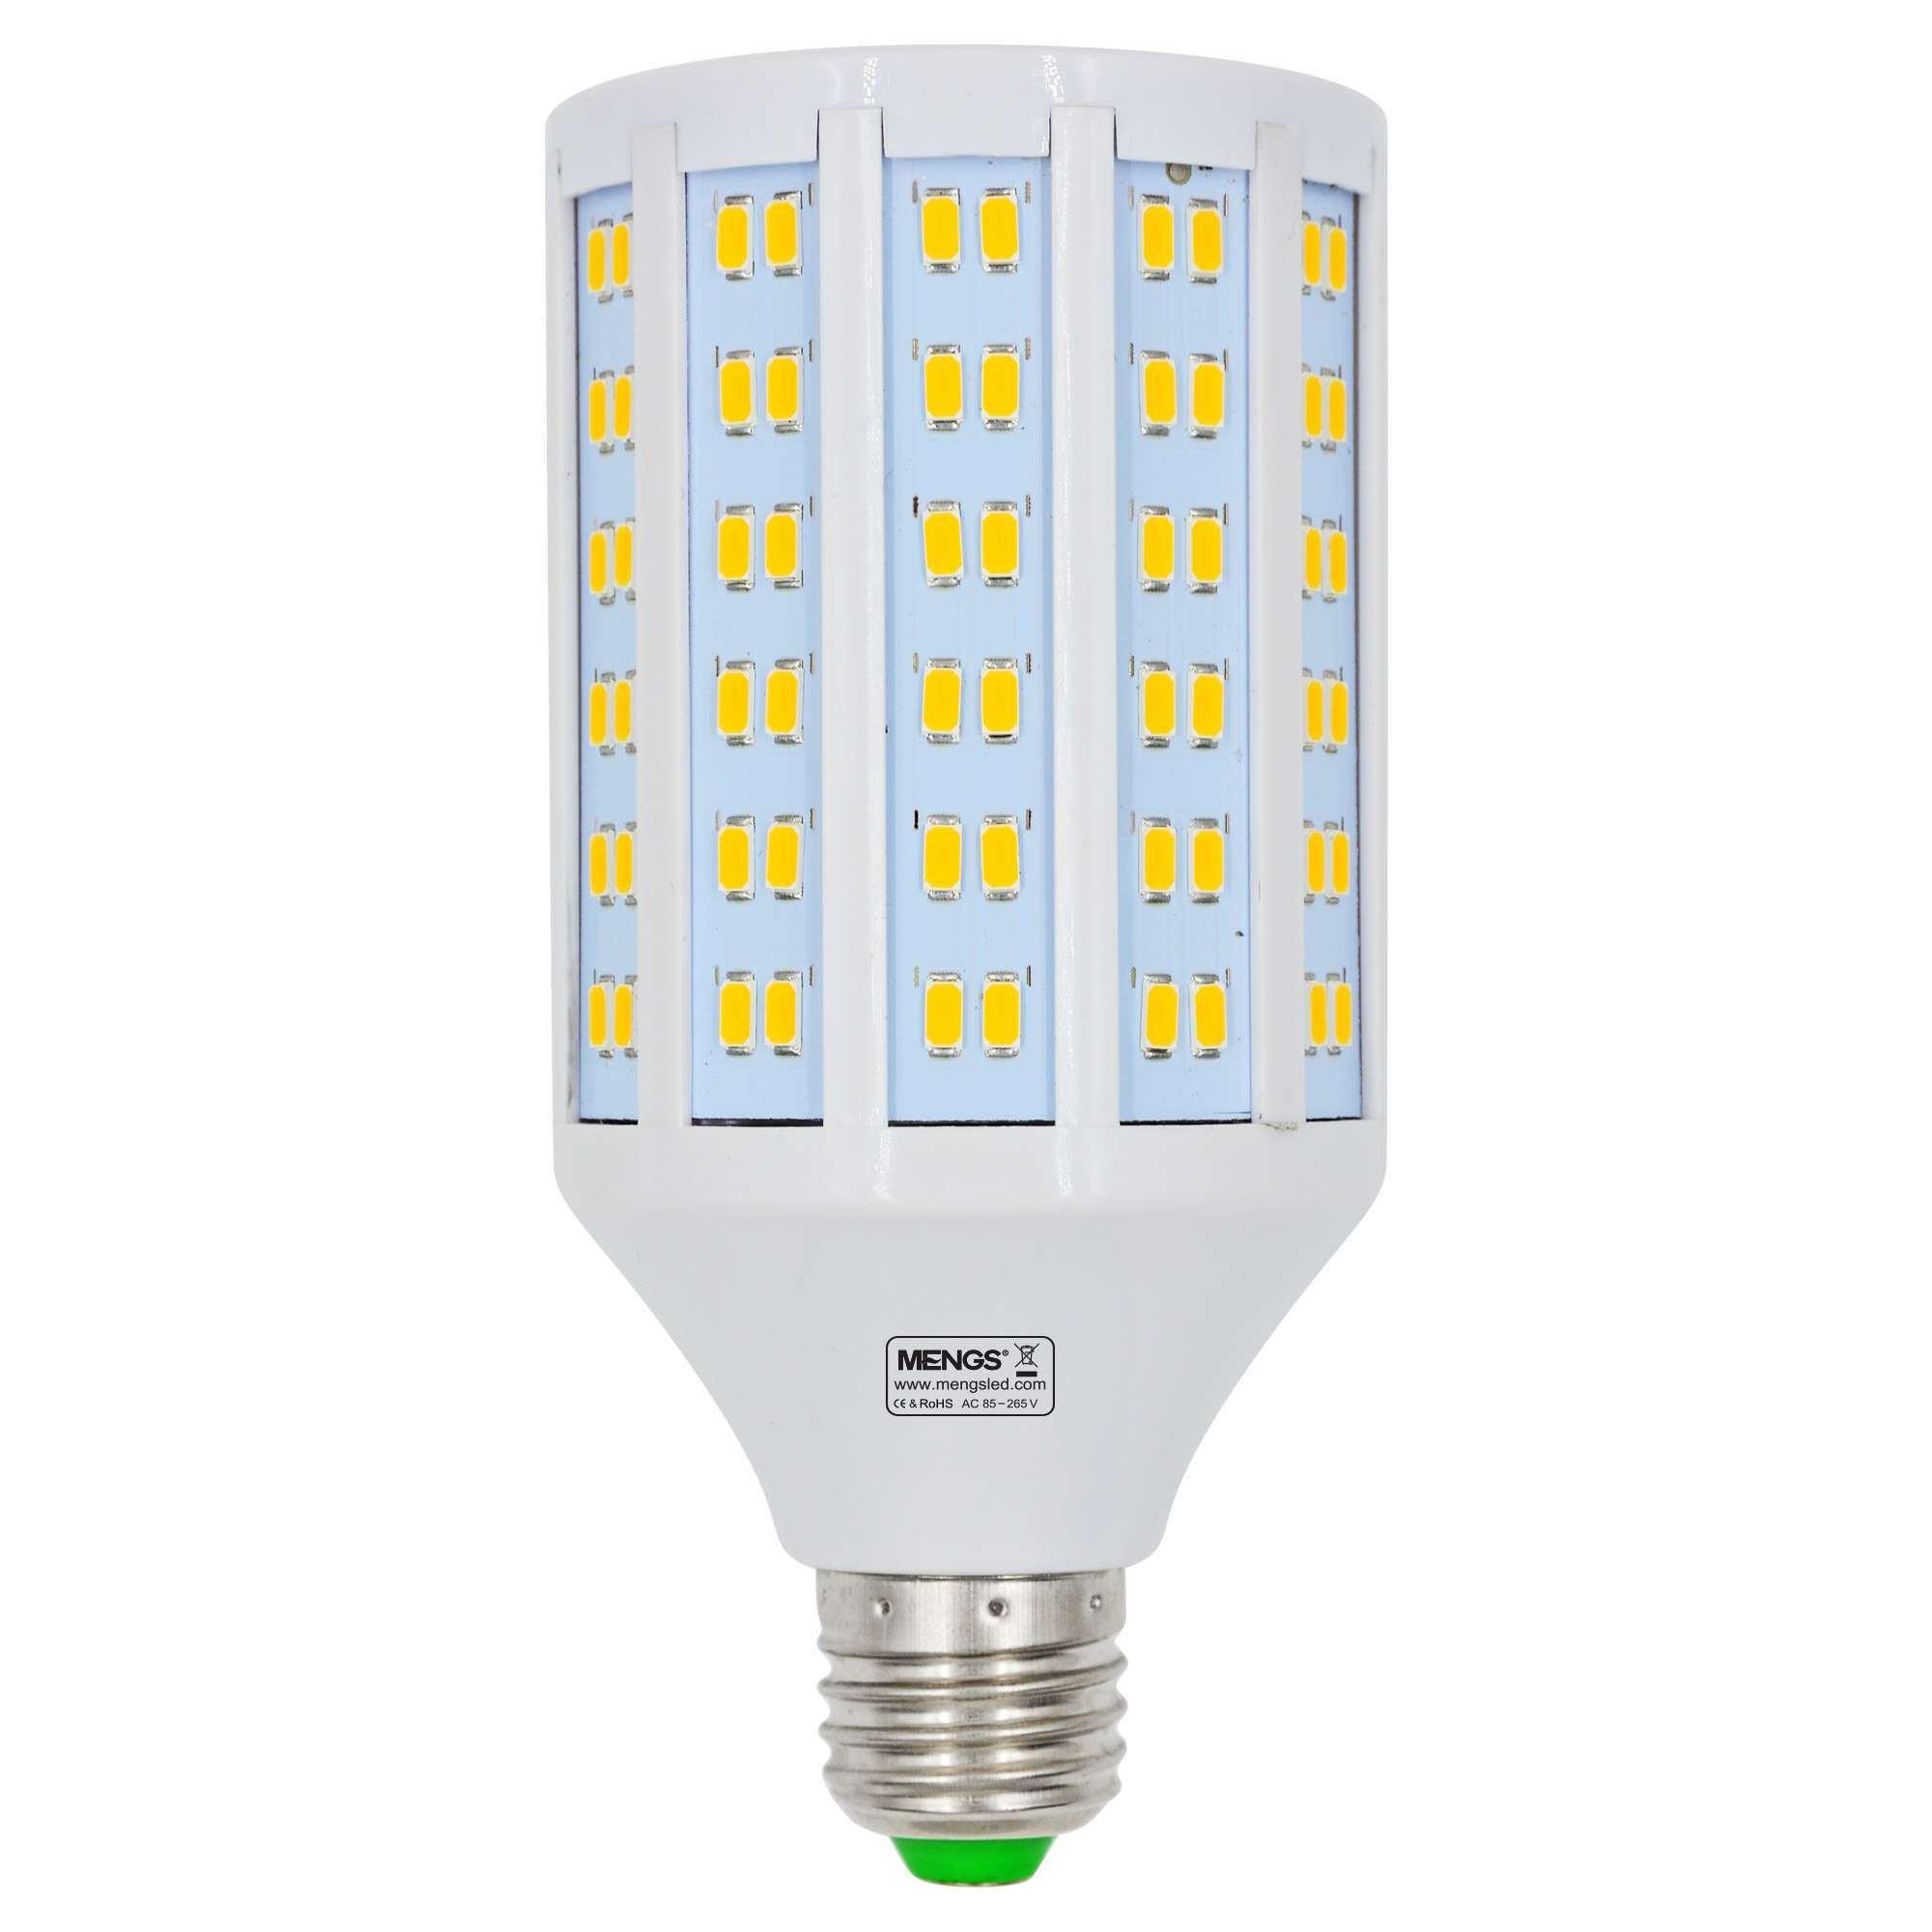 MENGS® E27 25W  LED Corn Light 180x 5730 SMD LED Bulb Lamp AC 85-265V in Warm White Energy-Saving Light